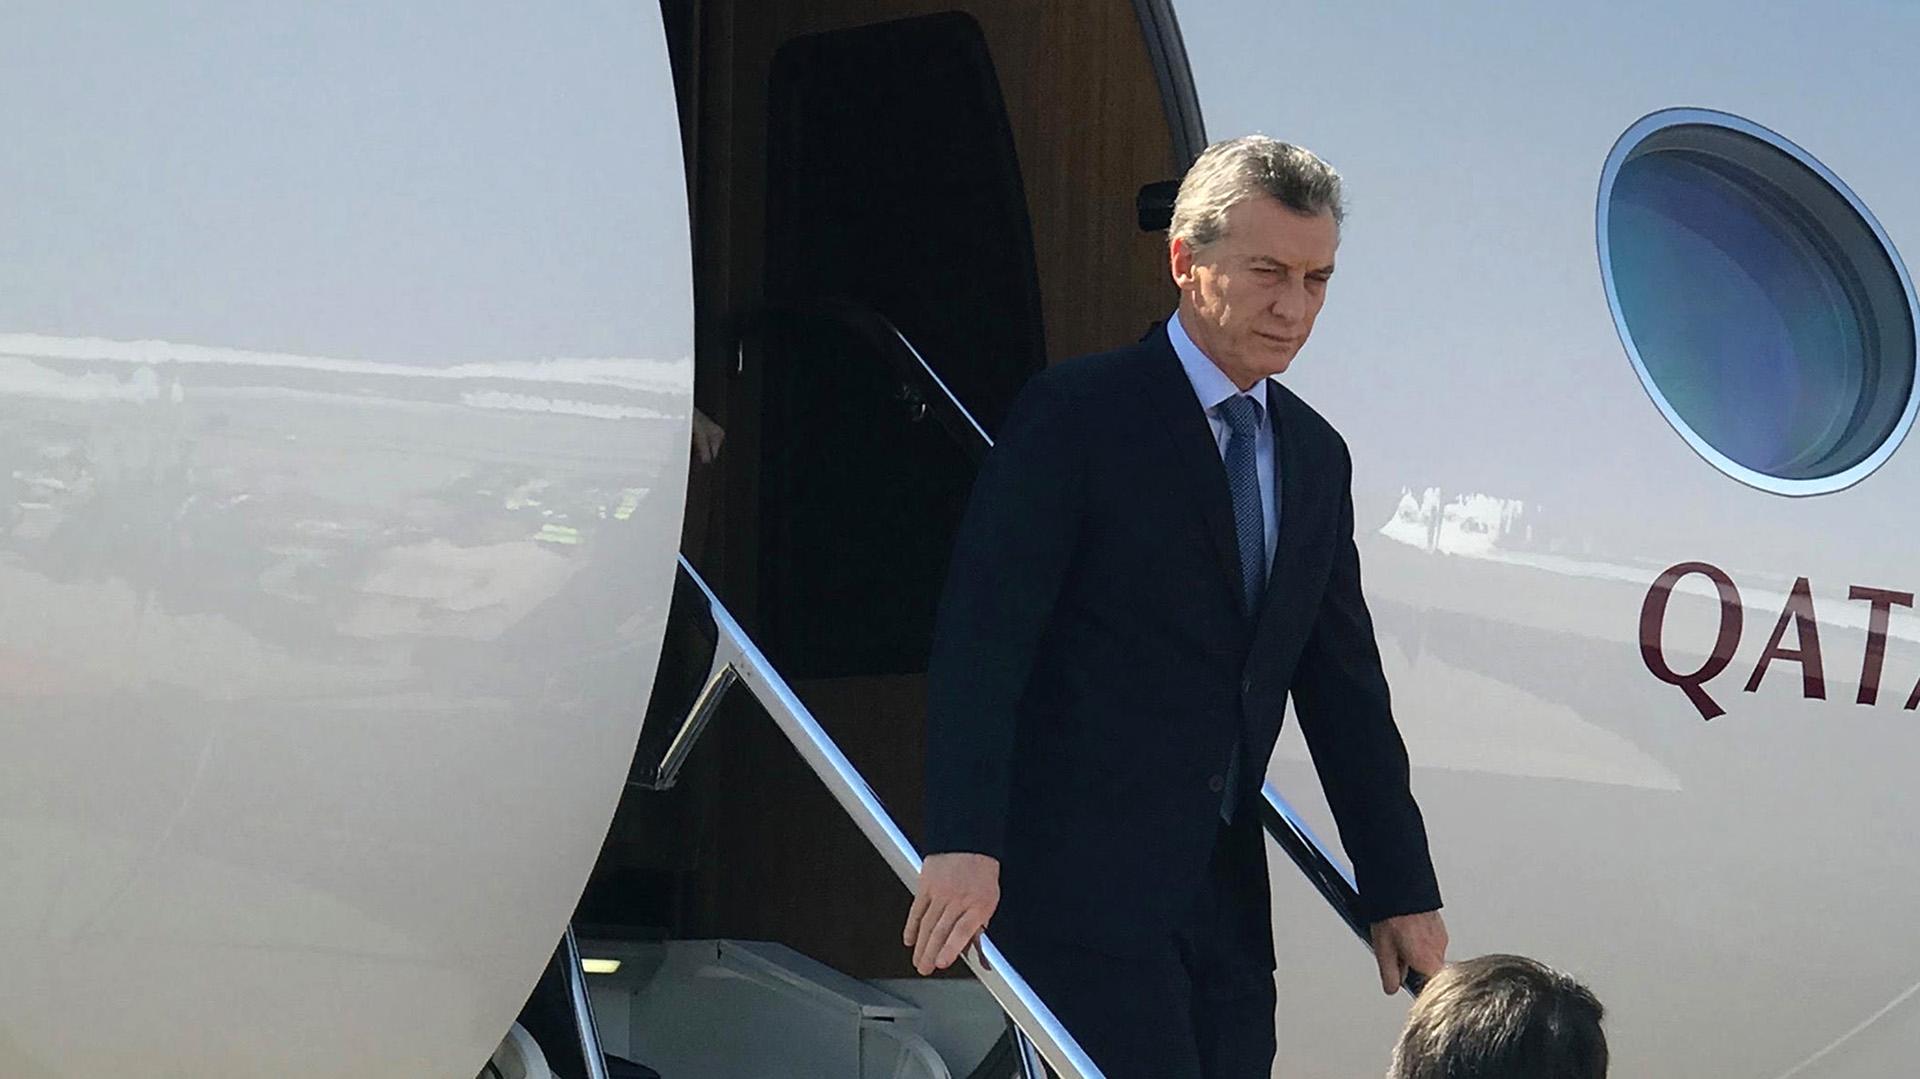 Macri llegó al Aeropuerto Internacional OR Tambo, donde fue recibido por el embajador argentino en Sudáfrica, Javier Figueroa, y el director nacional de Ceremonial de Cancillería, Marcelo Suárez Salvia (foto: Presidencia)